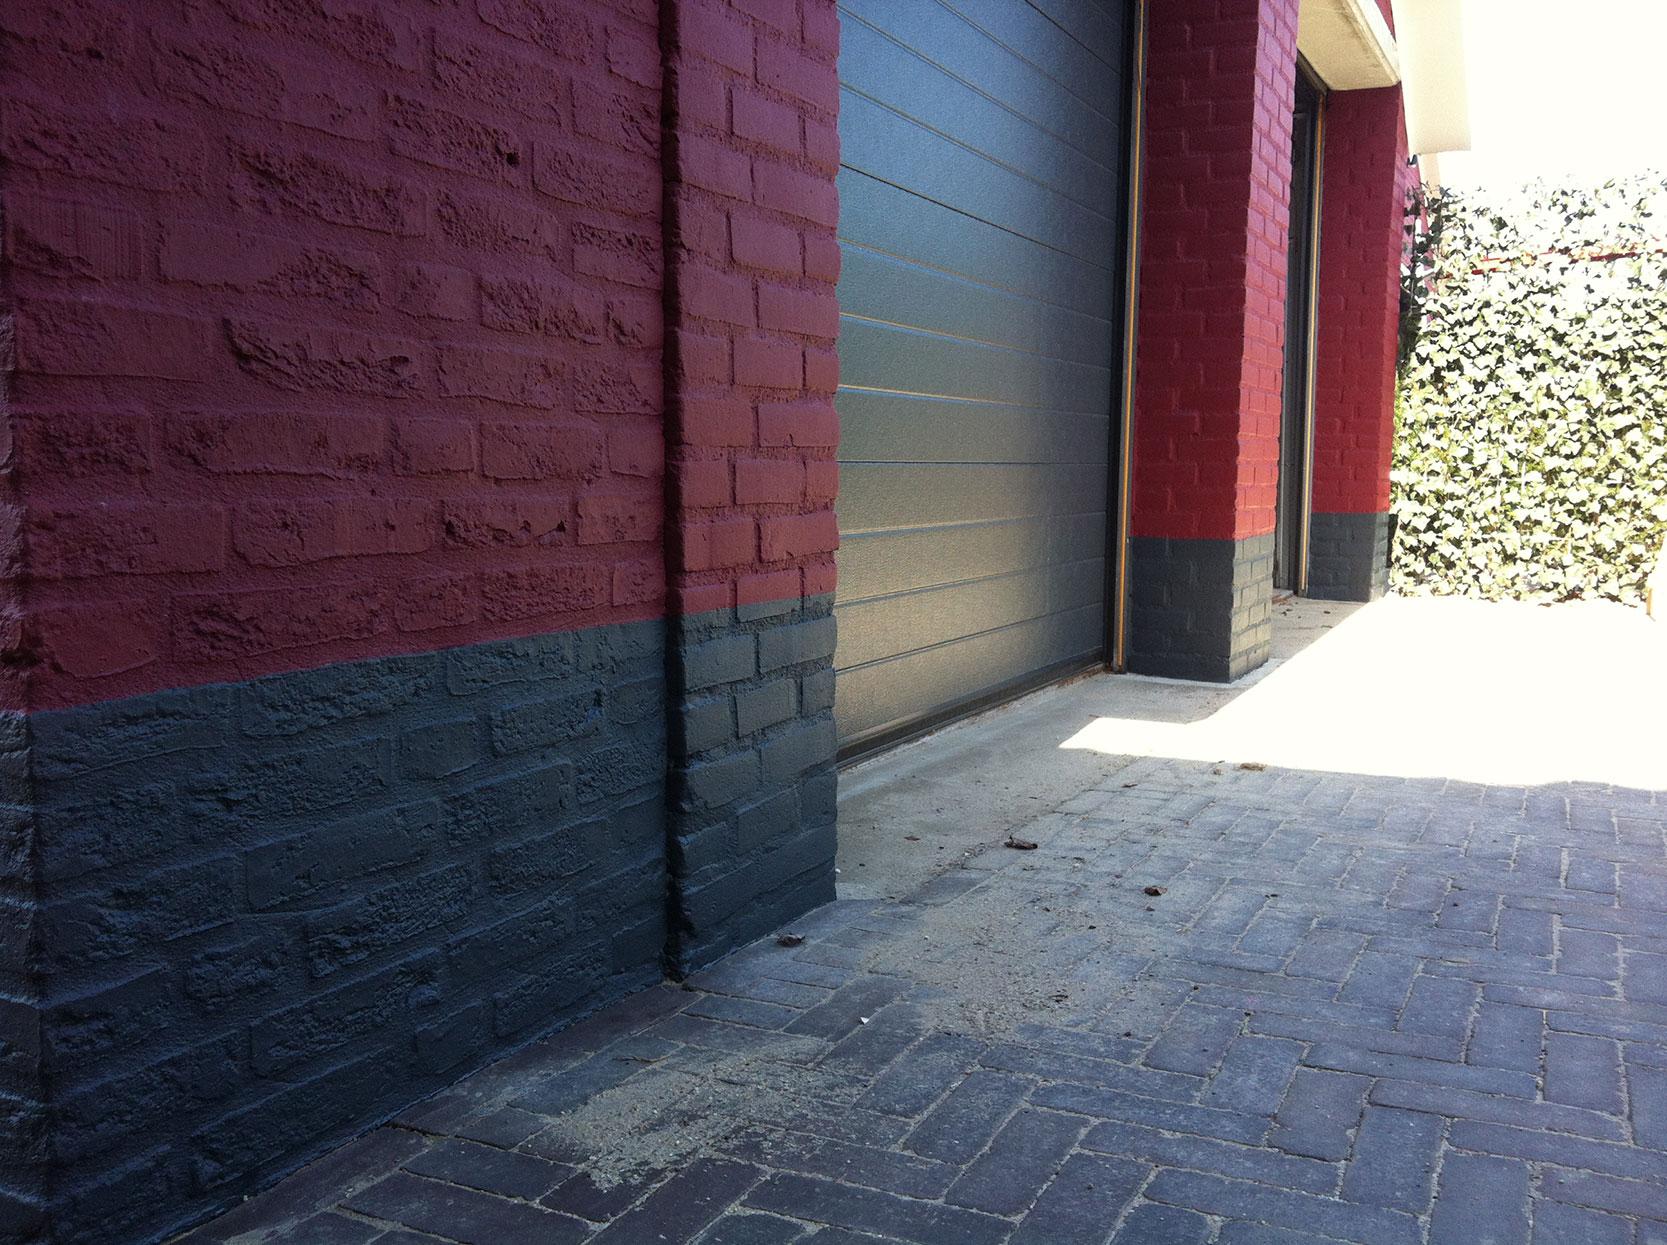 schilder-hermans-rood-zwart-garage-deur